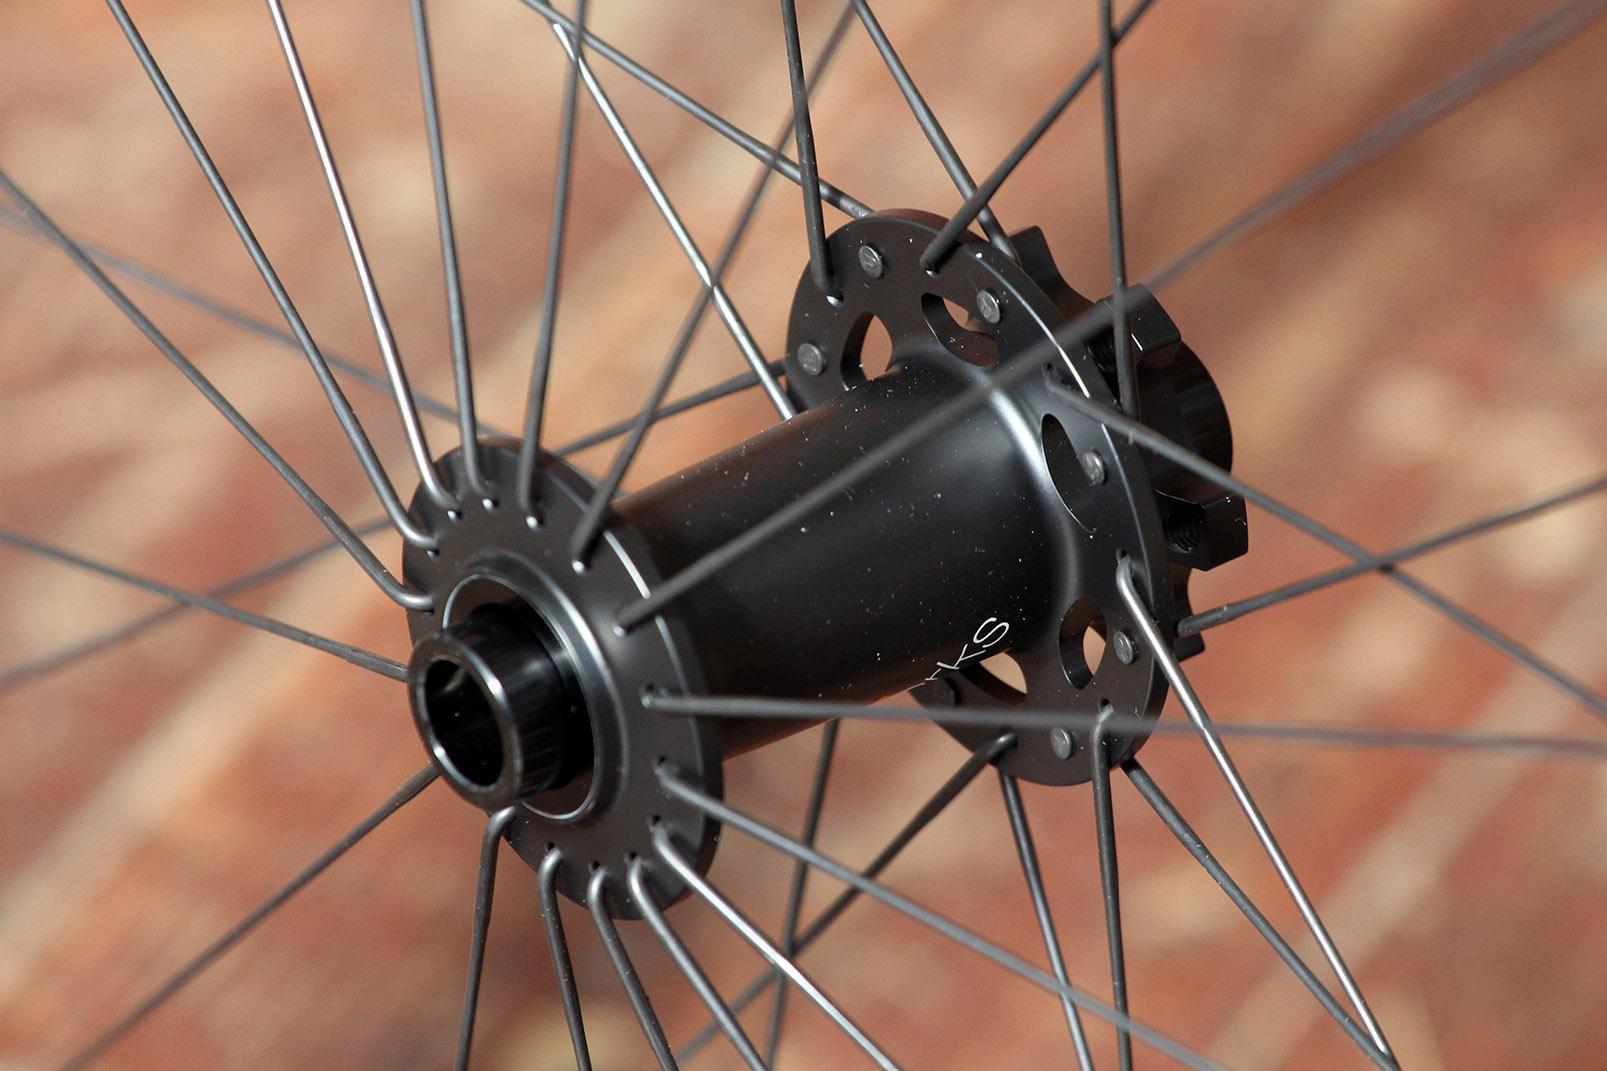 8 Praxis Works Rc21 Wheels 154999 Tough Carbon Fibre Jr Foldable Travel Bag Wide 21 Wheelset Front Hub